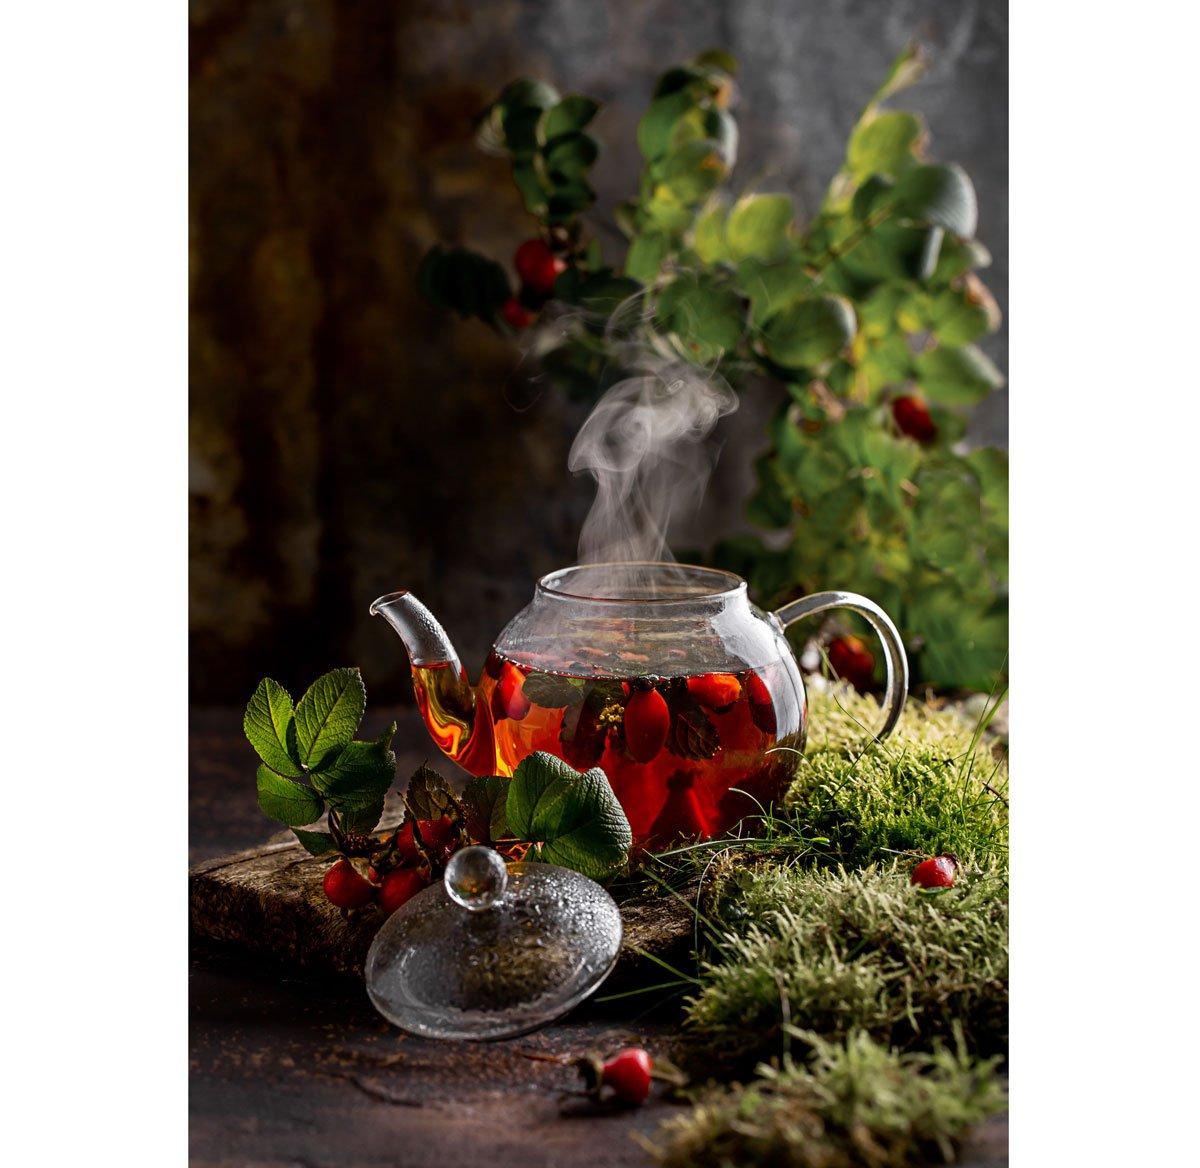 Přírodní medicíny proti nachlazení a chřipce: Šípkový čaj